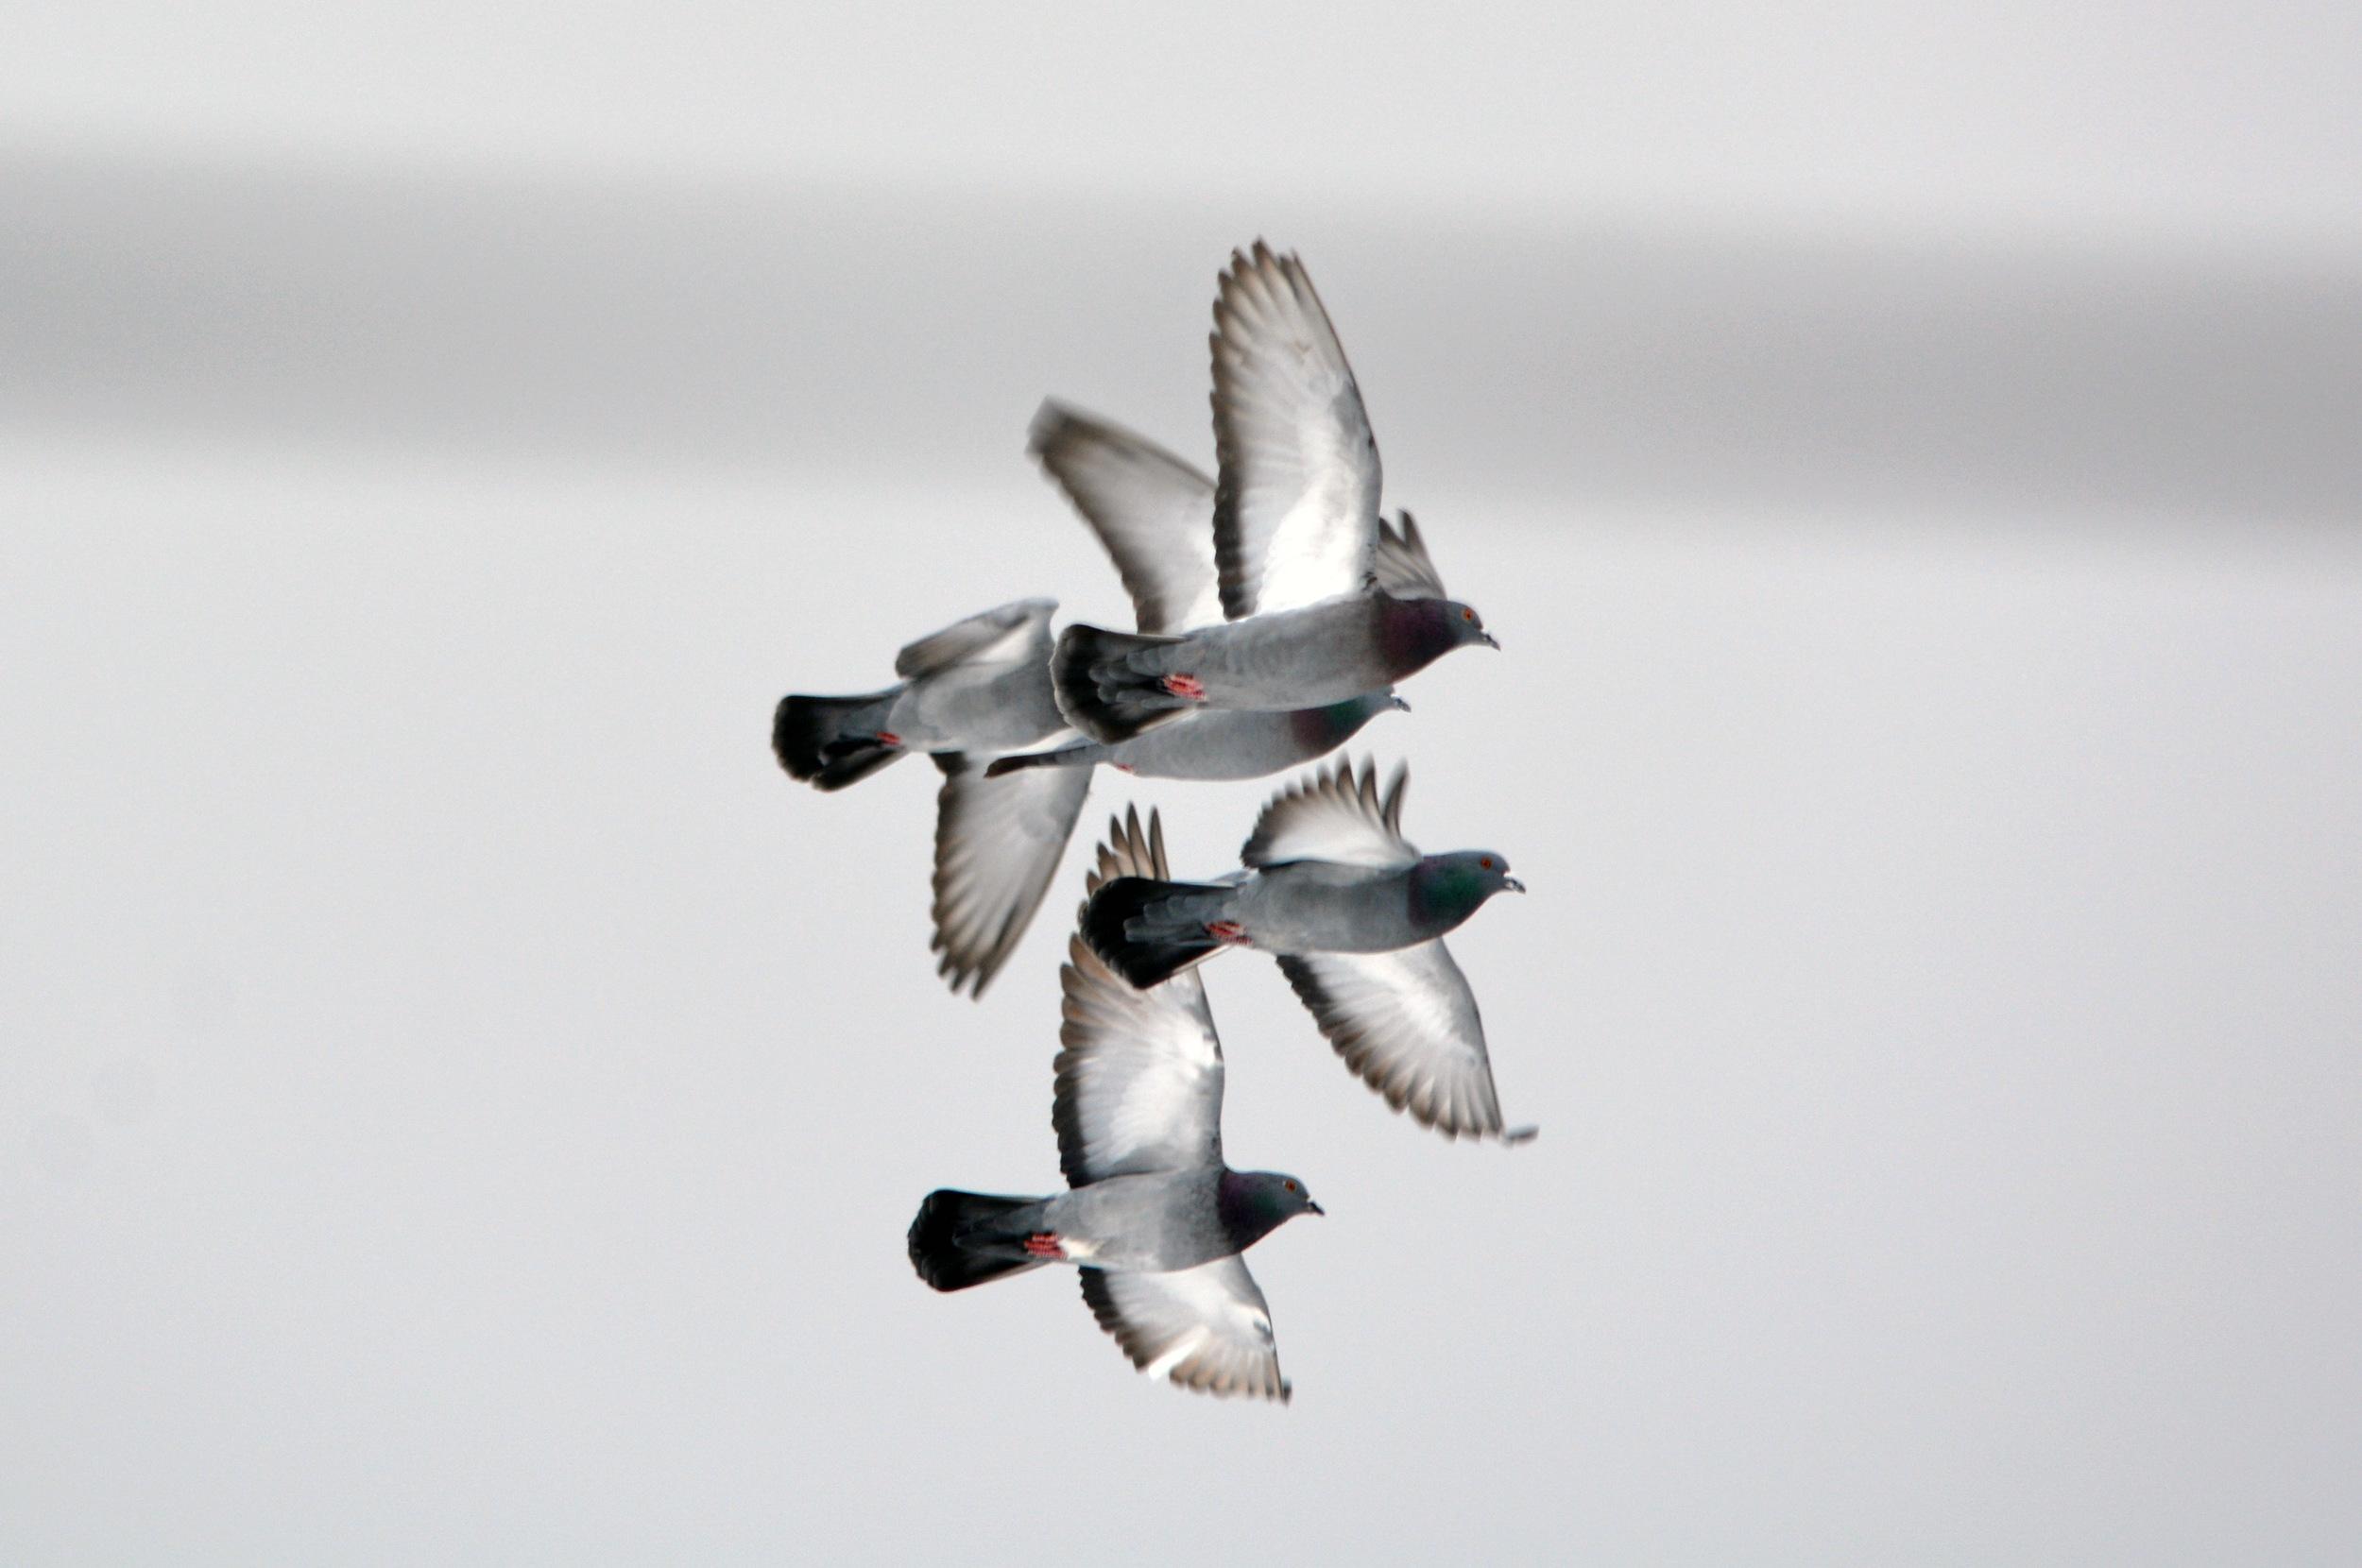 457_Pigeons_2_gordonallen.jpg